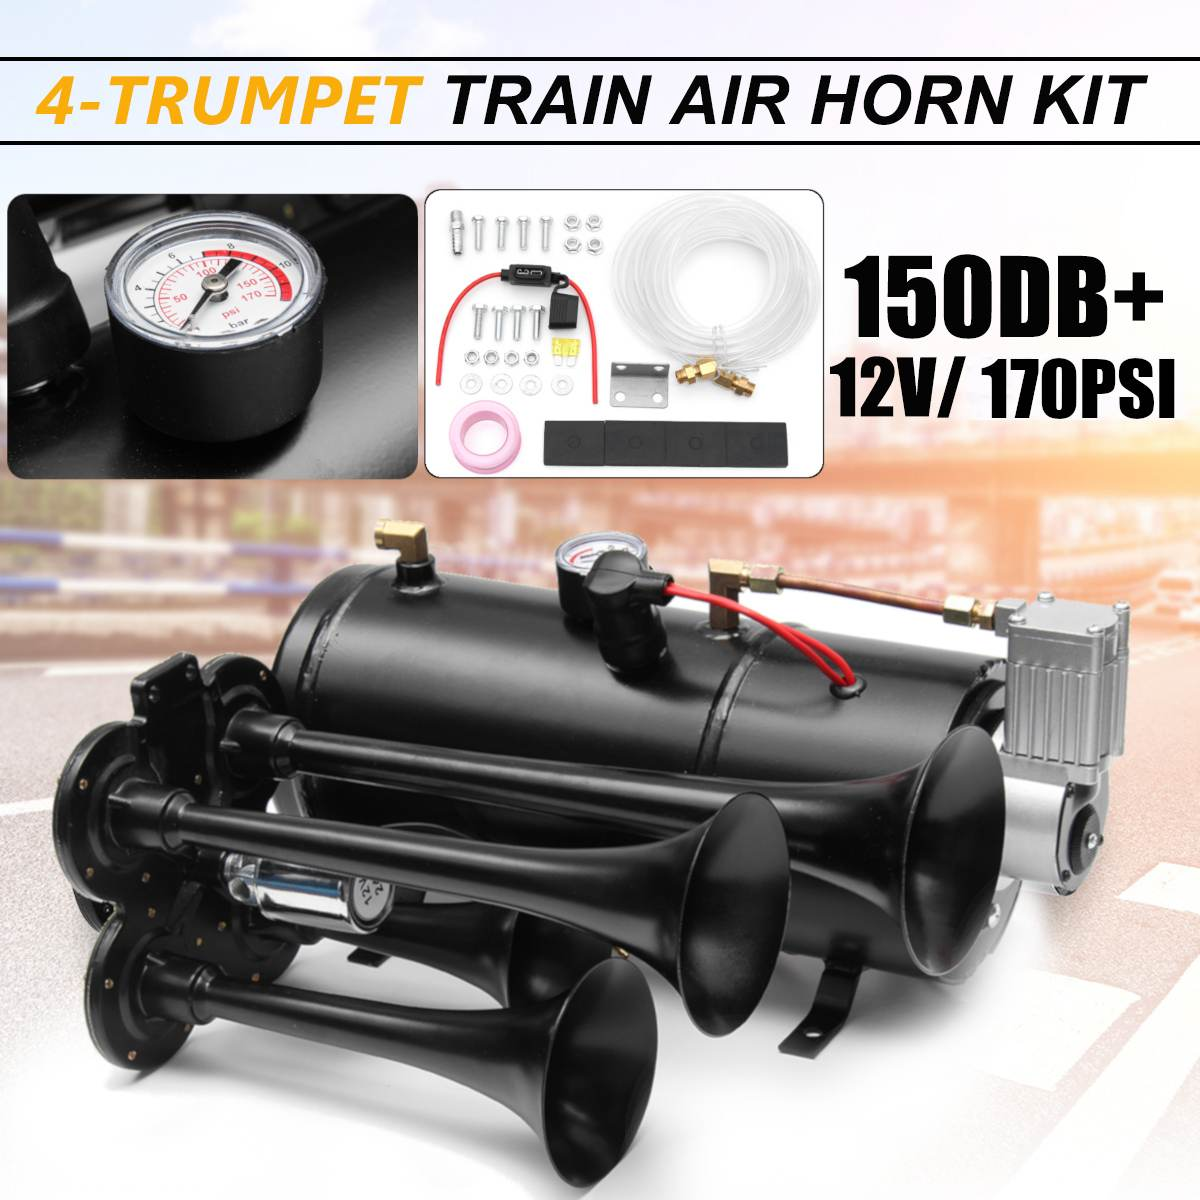 Воздушный рожковый комплект с 4 трубами для грузового поезда, черный, 170 PSI, 12 В, 3 литра, компрессор и дом, 150 дБ